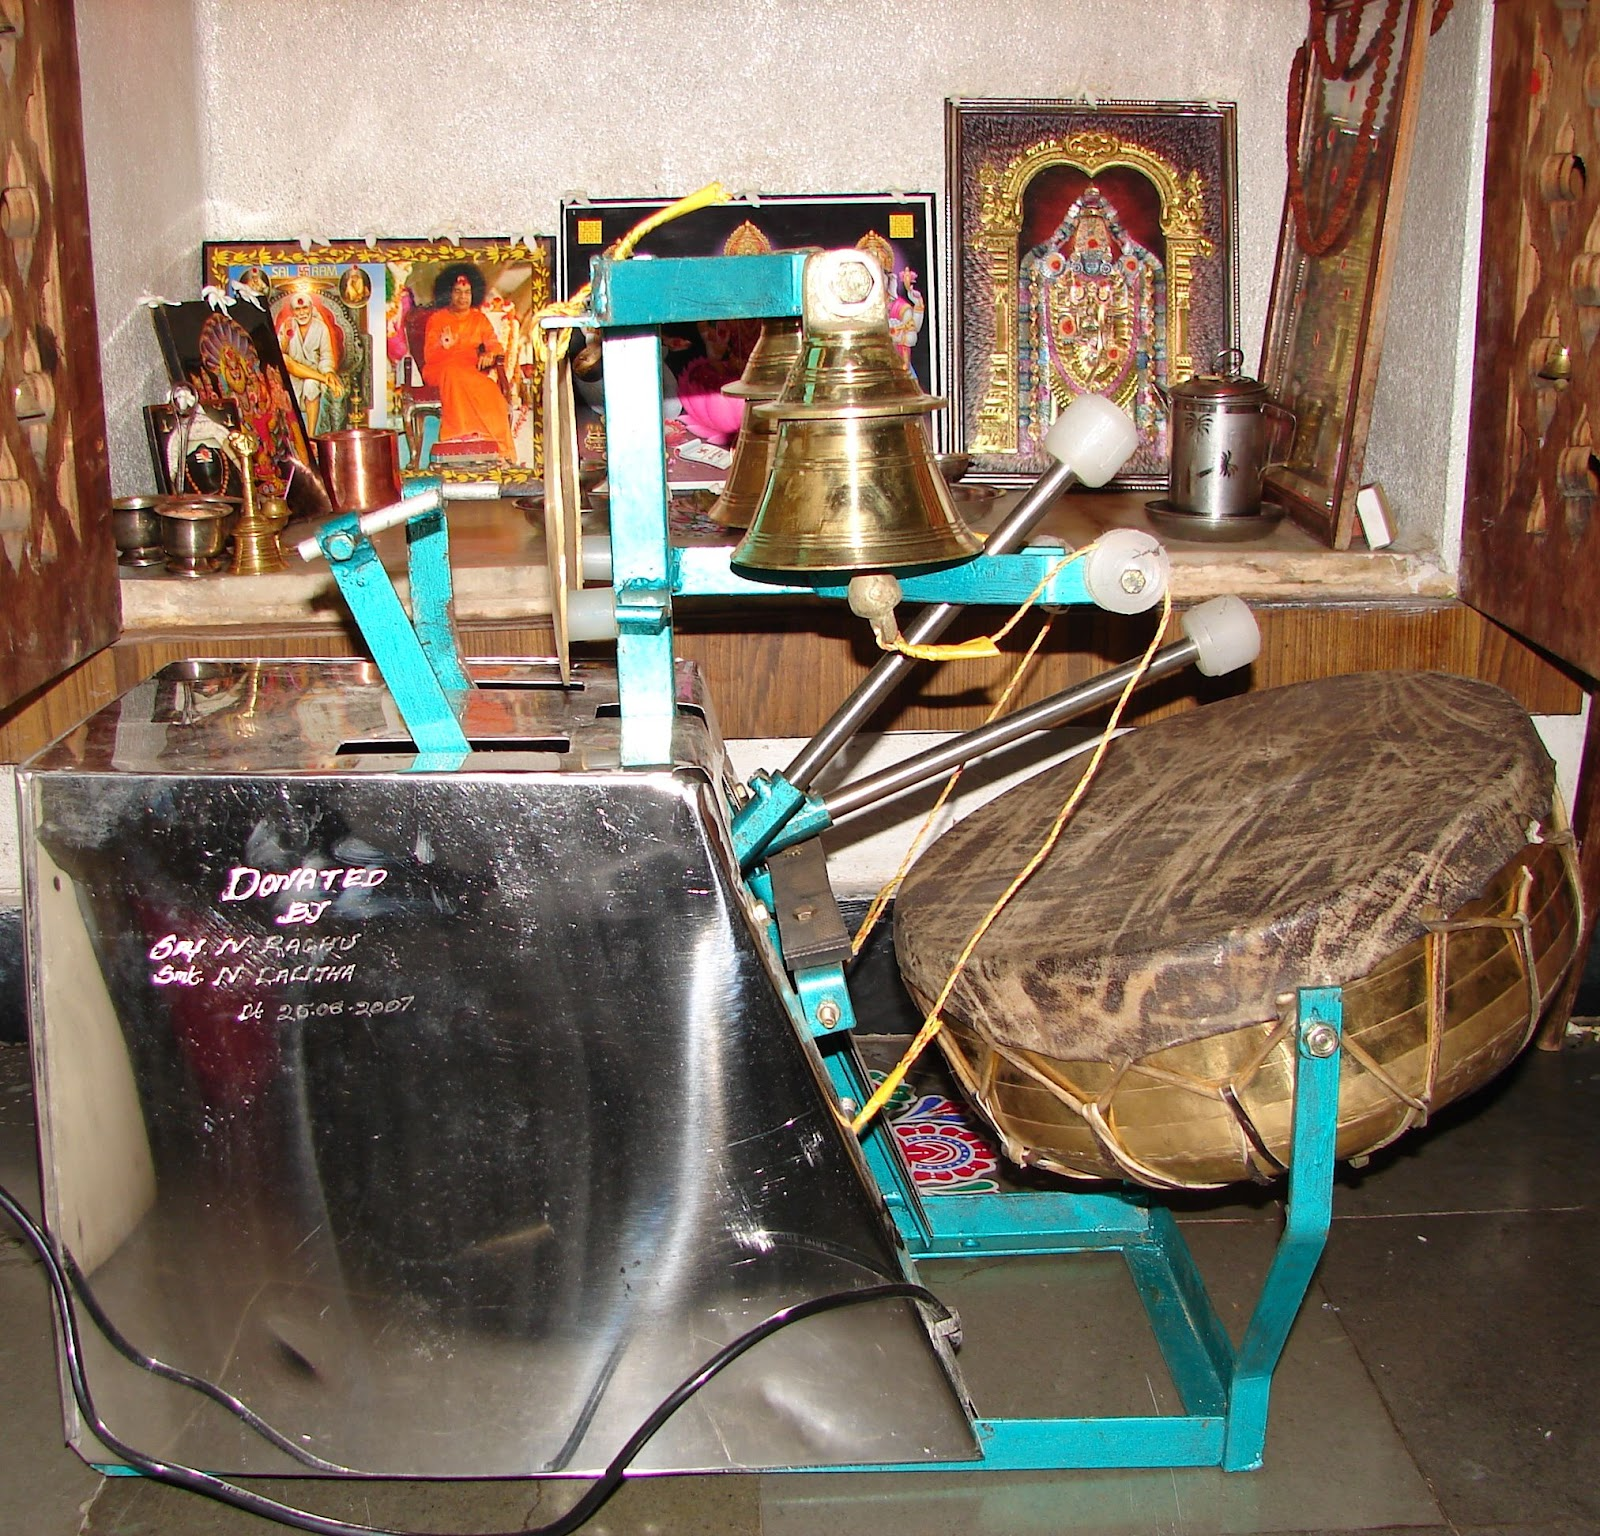 Mangala Harathi Silvers: Raghu's Column!: With Respect To Mangala Harathi